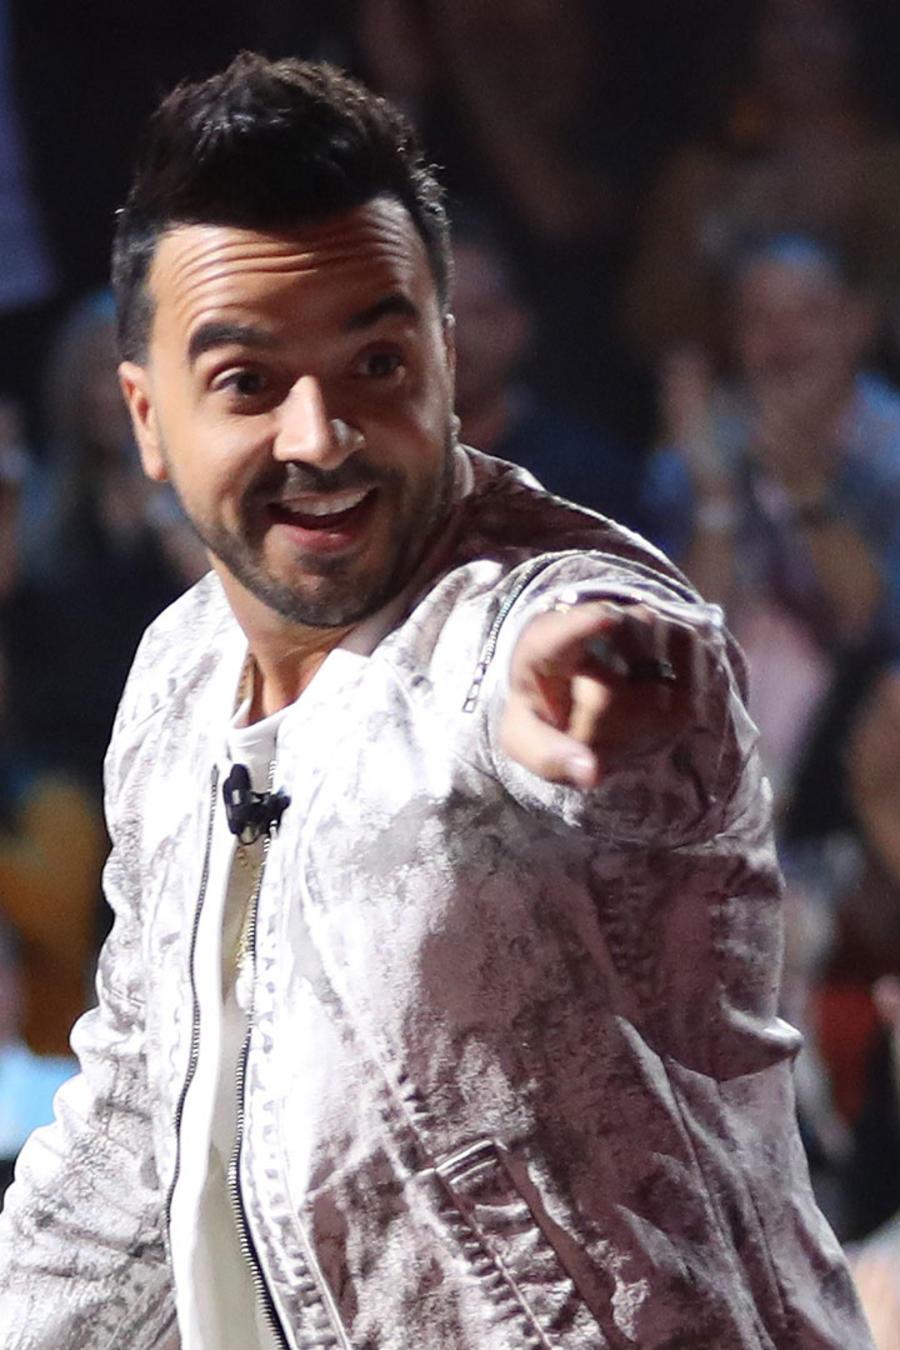 Luis Fonsi en La Voz en Miami en 2019